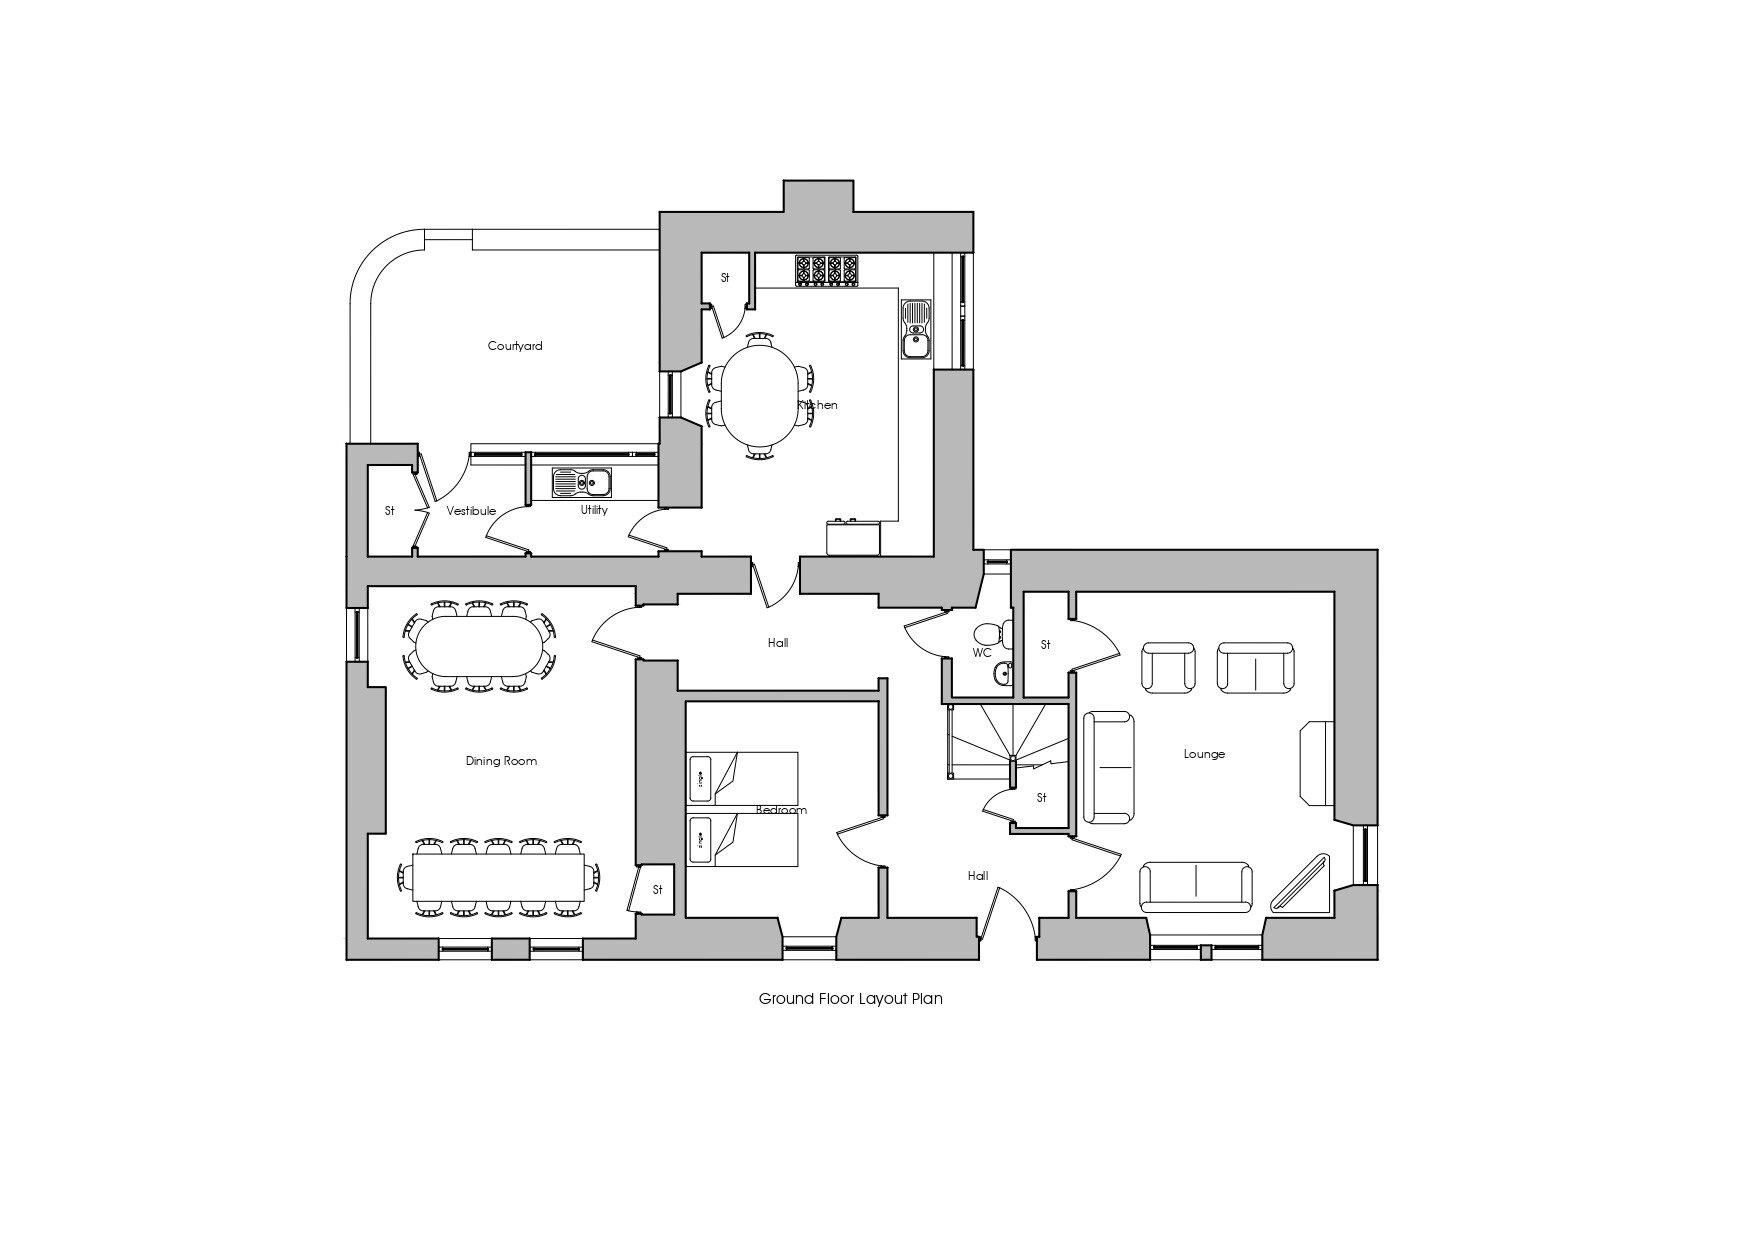 The-Farmhouse-Ground-Floor-Plan-2019.jpg